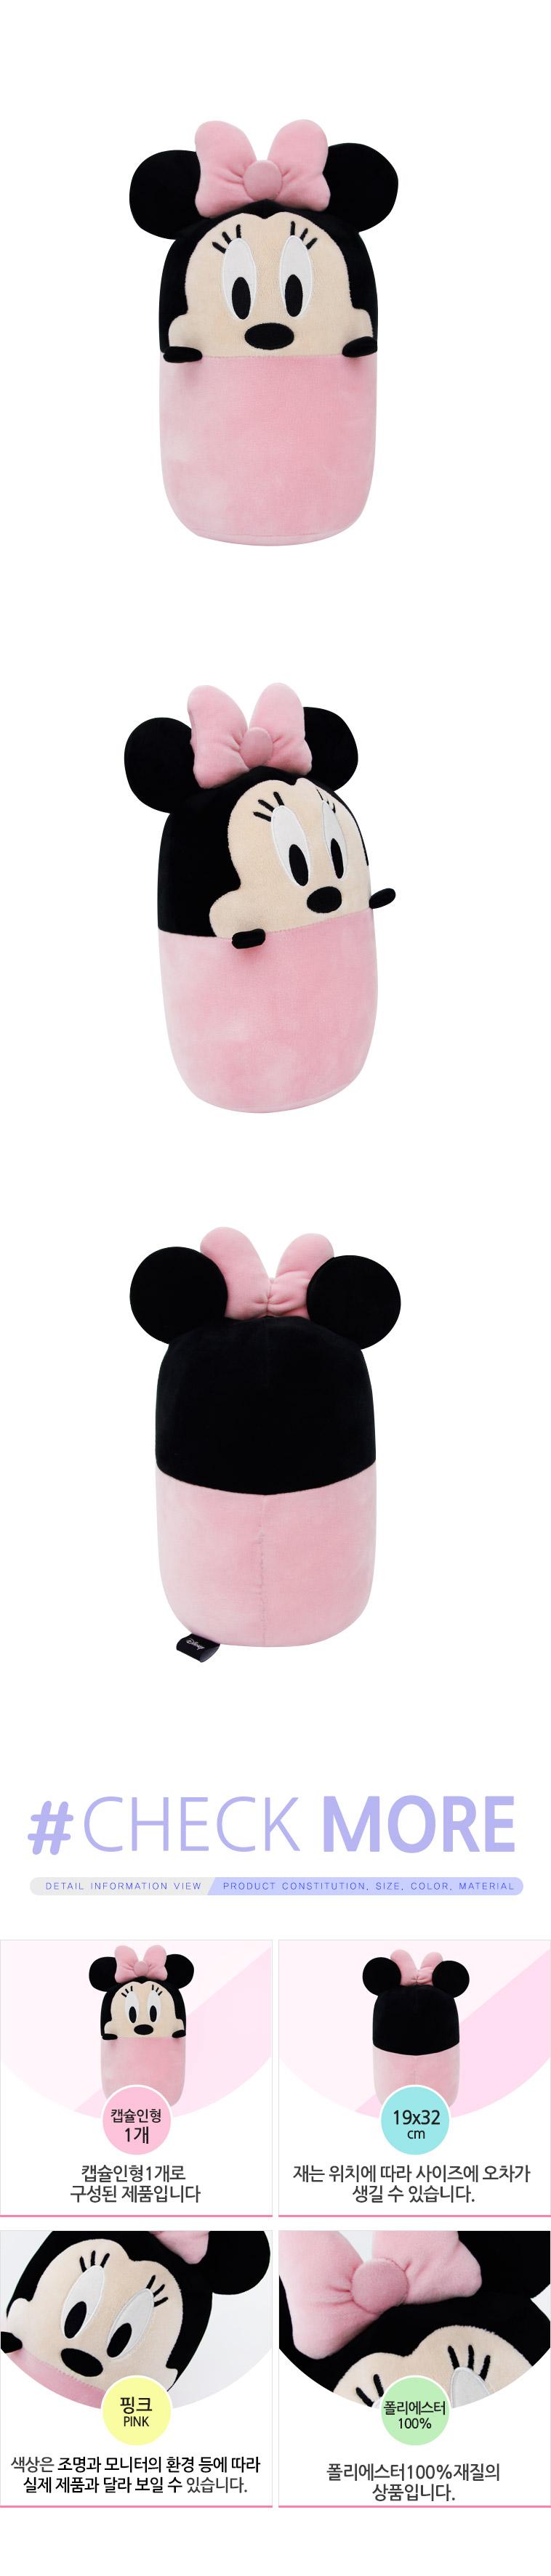 미니마우스 미니미 캡슐모찌인형 - 나라홈데코, 13,900원, 쿠션, 캐릭터